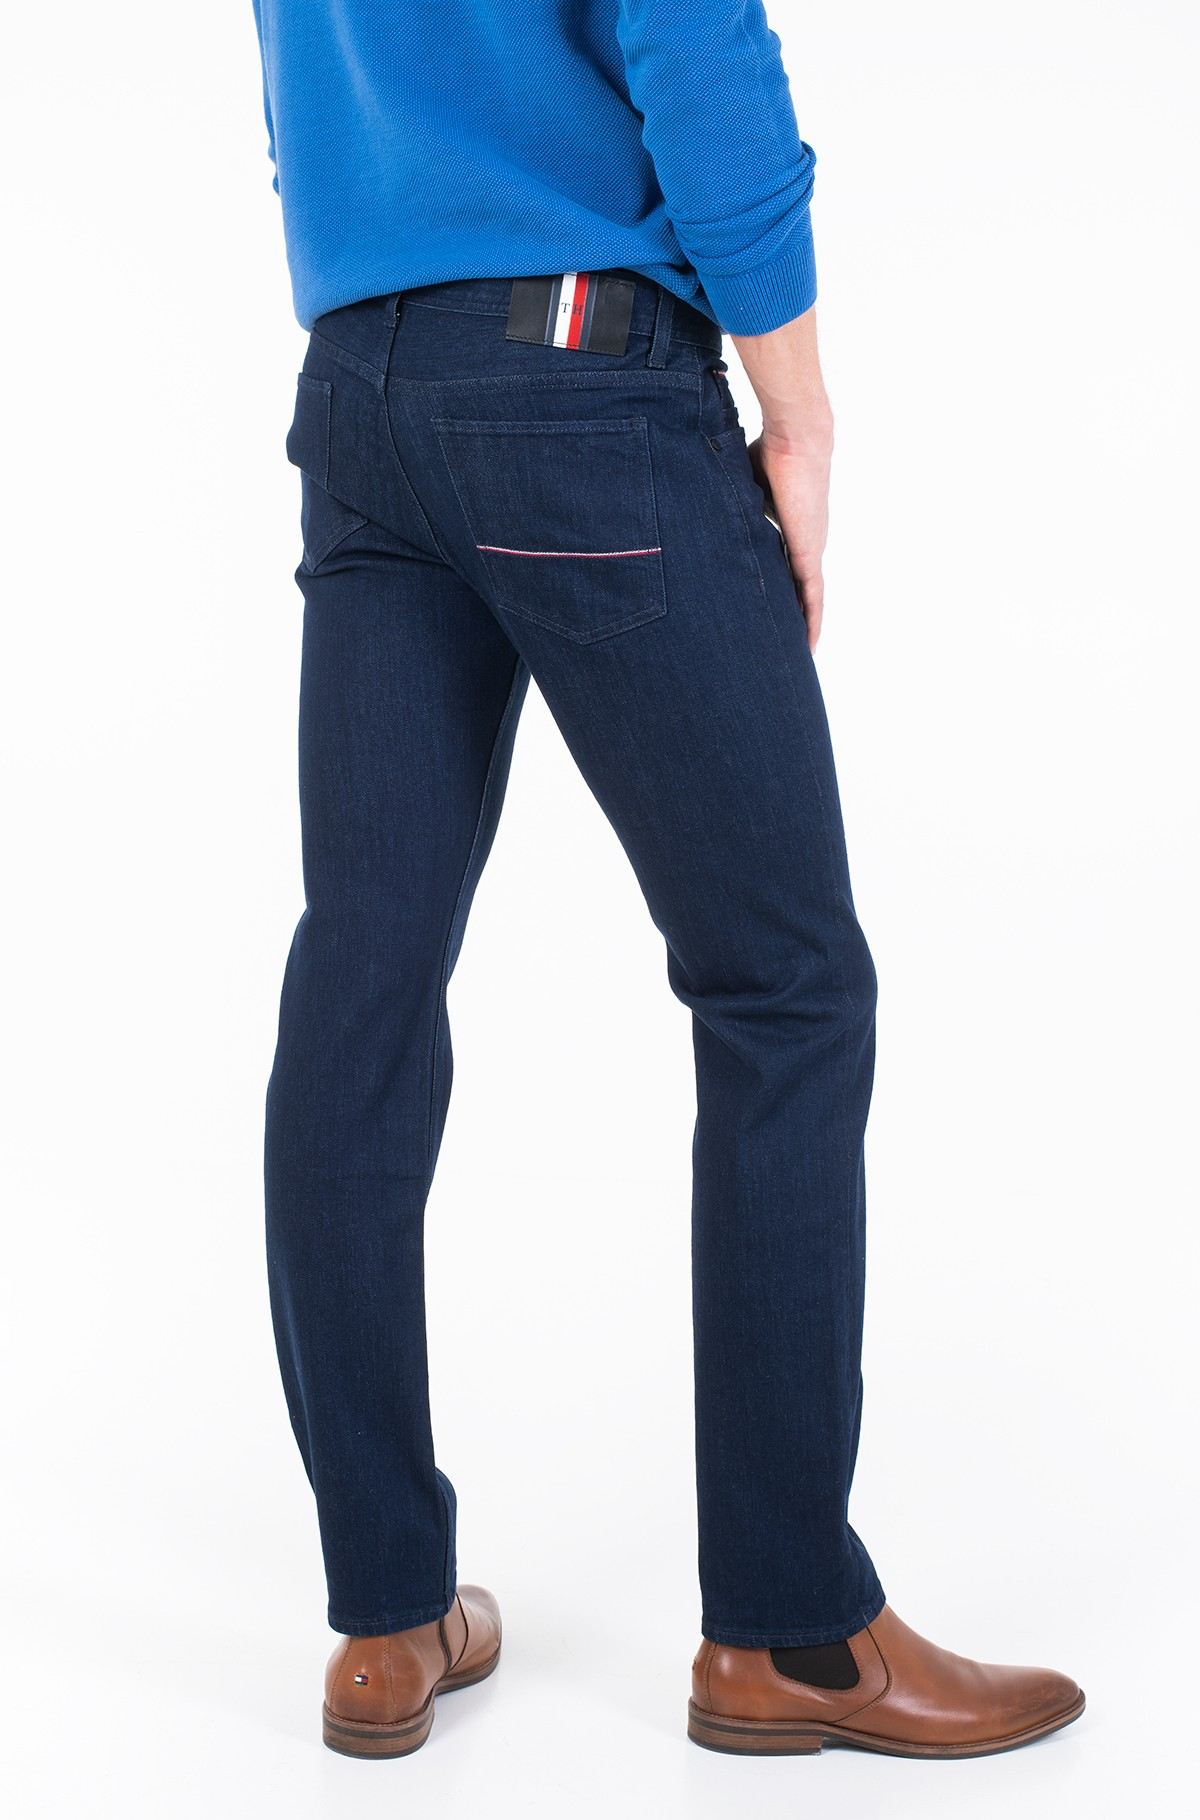 Jeans STRAIGHT DENTON TSTR NOVATO BLUE-full-2